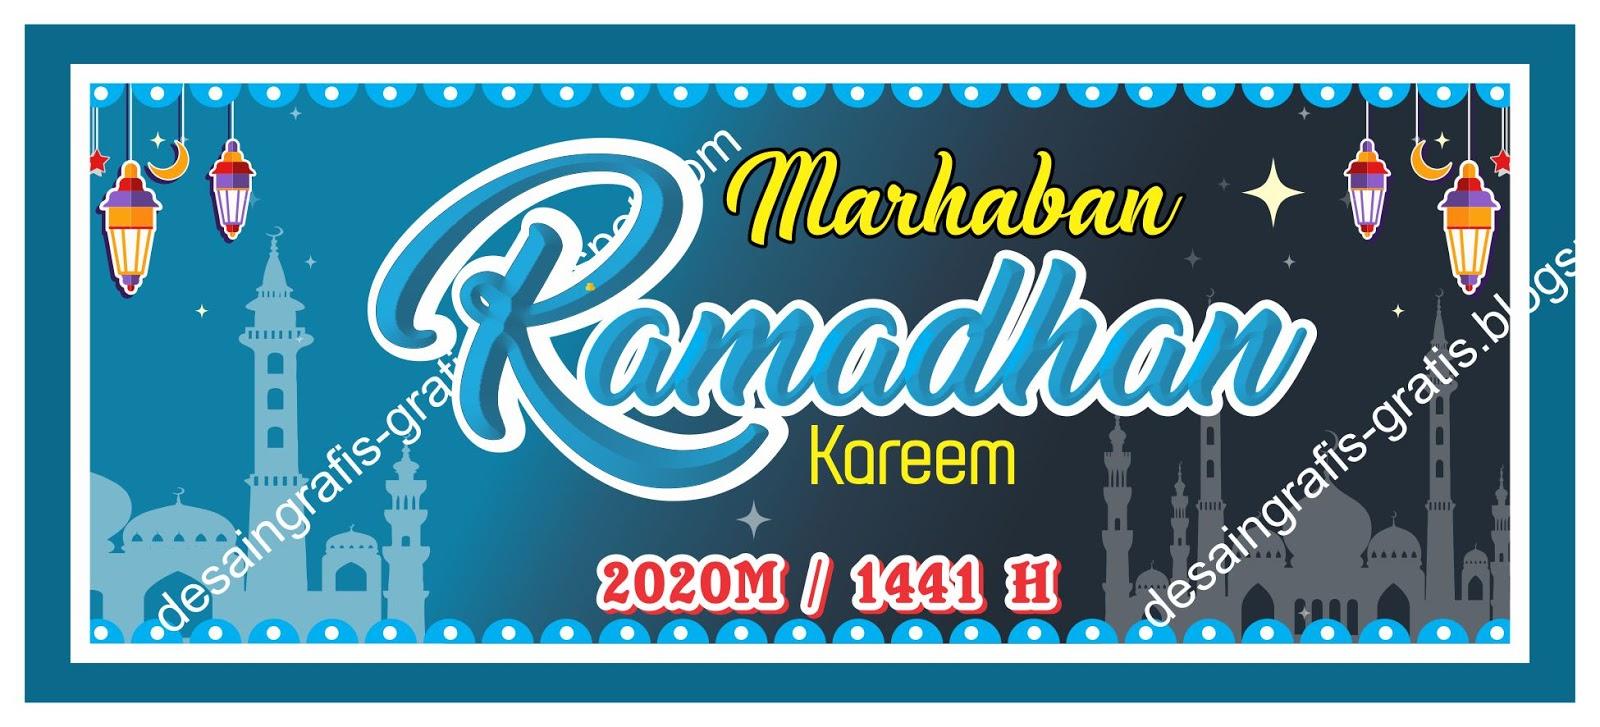 Format Cdr : Desain Grafis Spanduk Ramadhan 1441H/2020 M ...